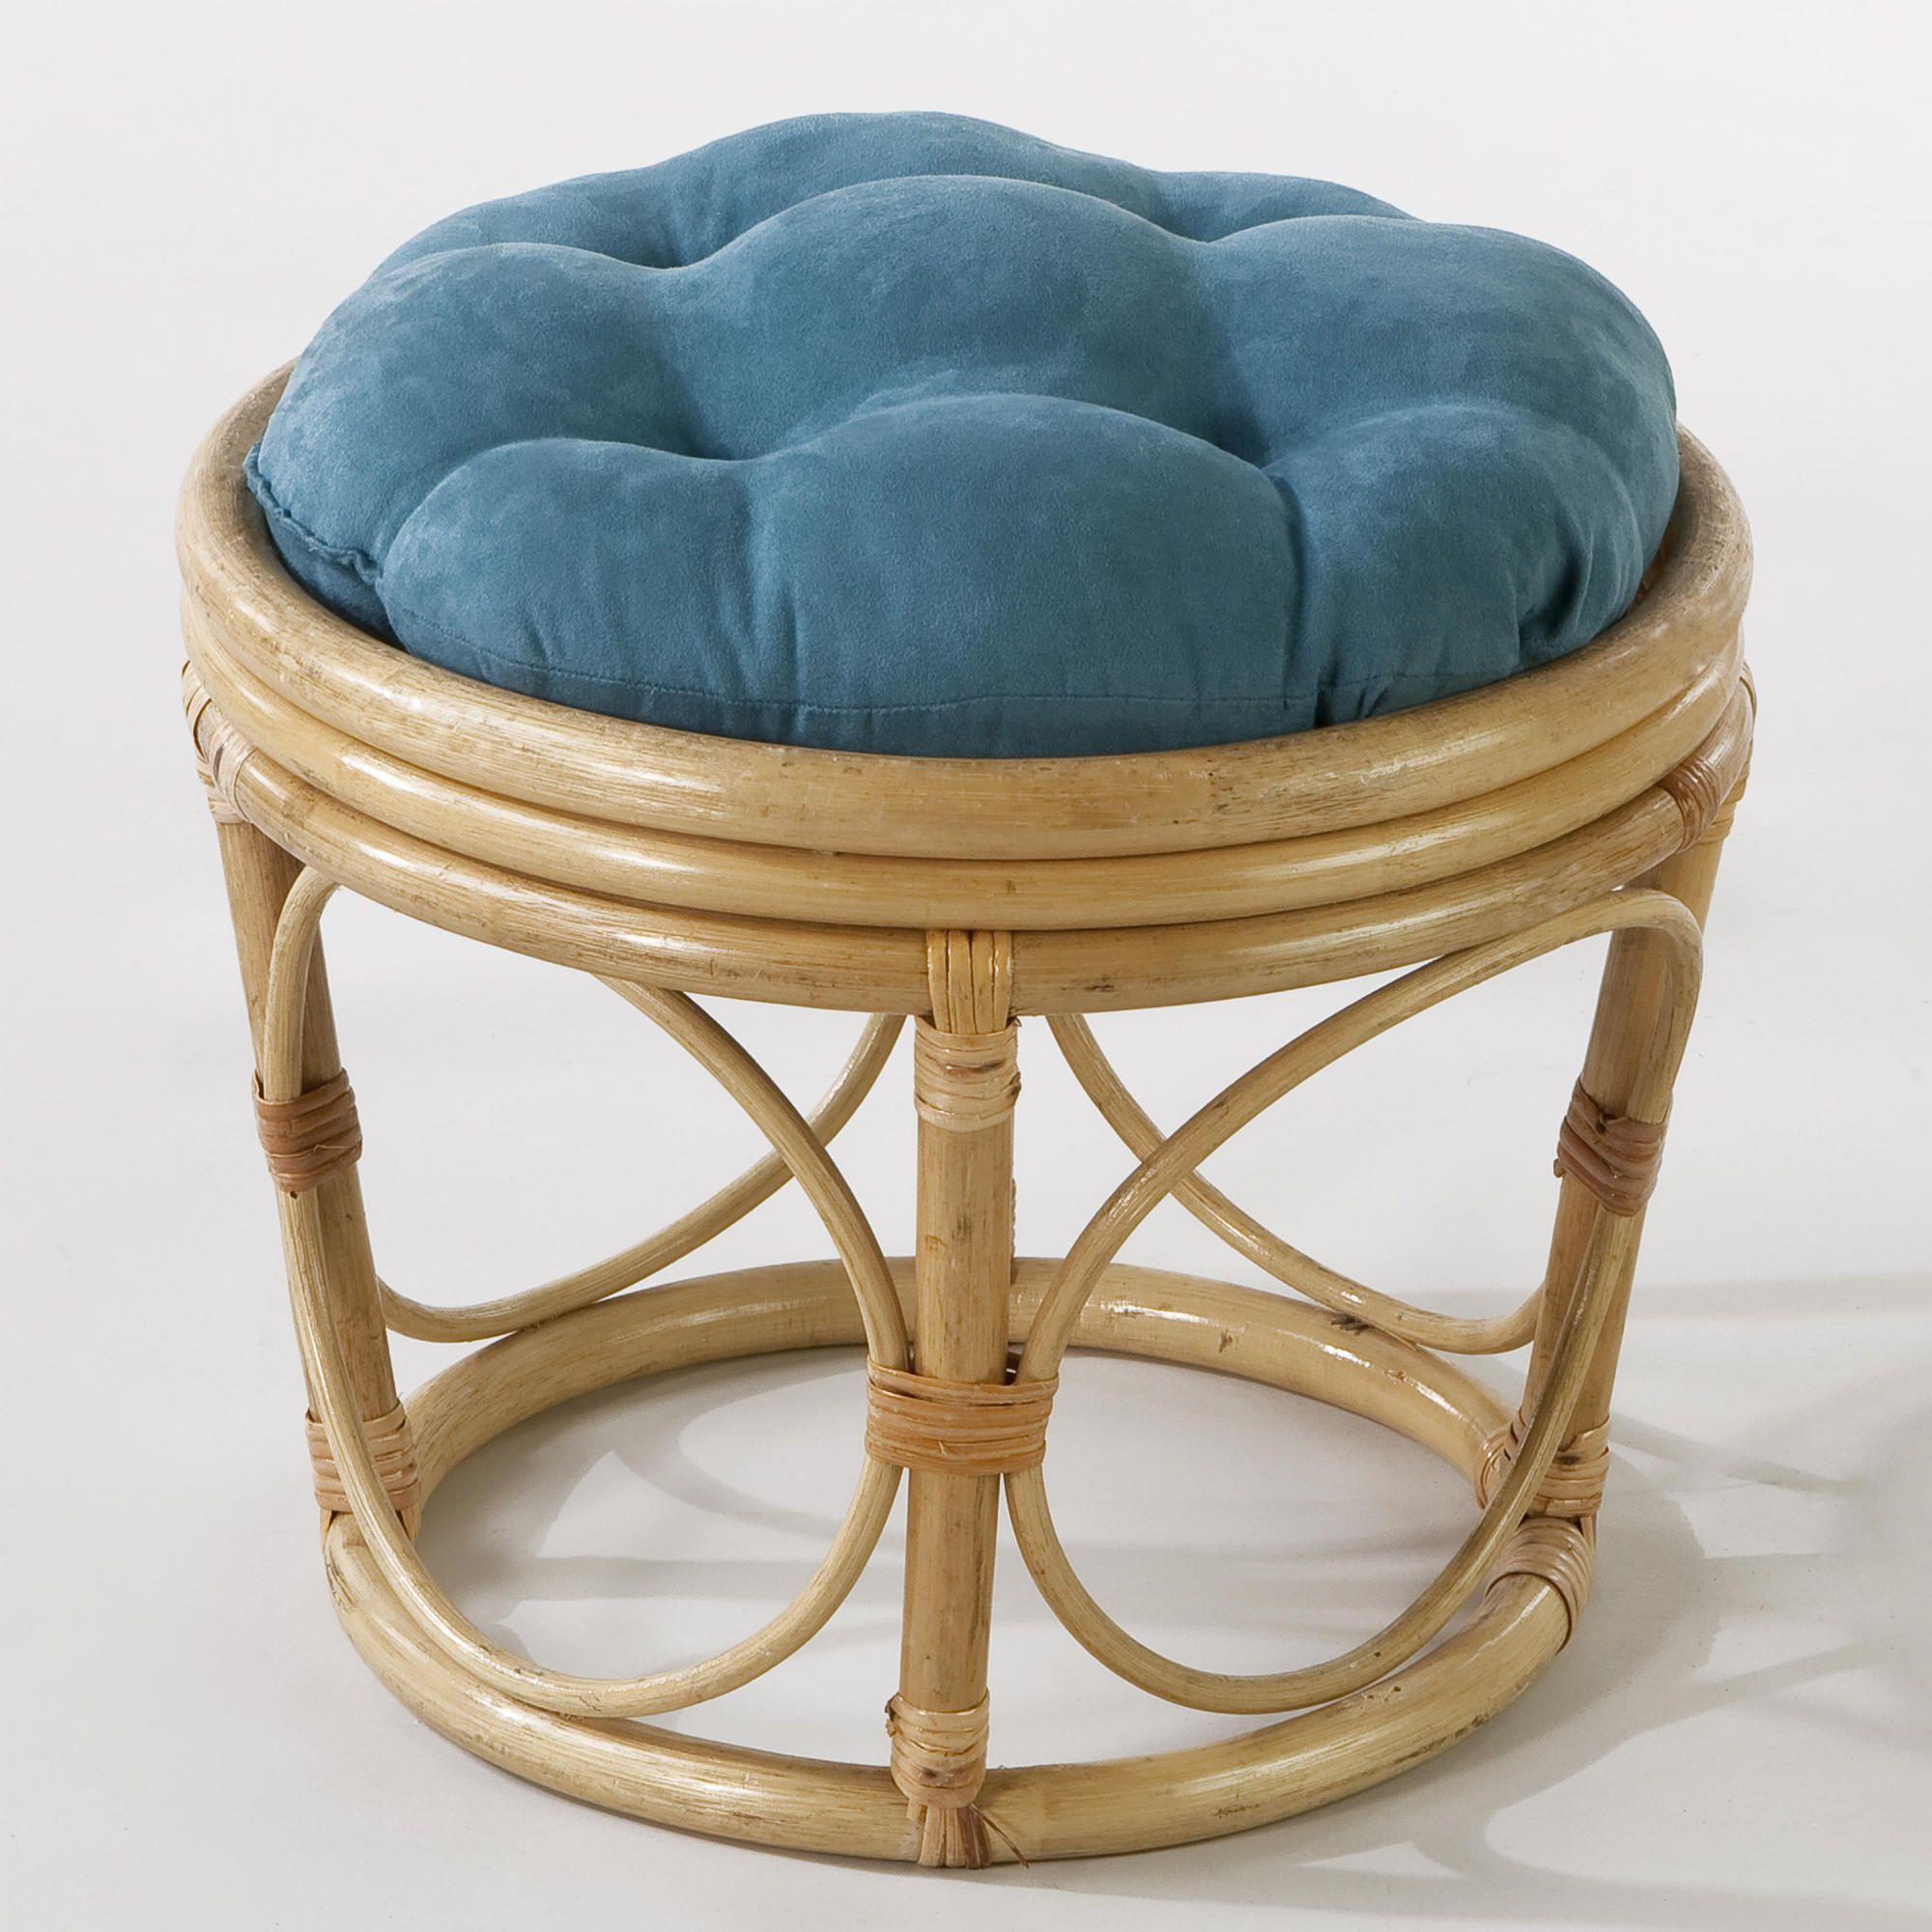 Porcelain Microsuede Papasan Stool Cushion World Market Stool Cushion Papasan Chair Cushion Papasan Chair